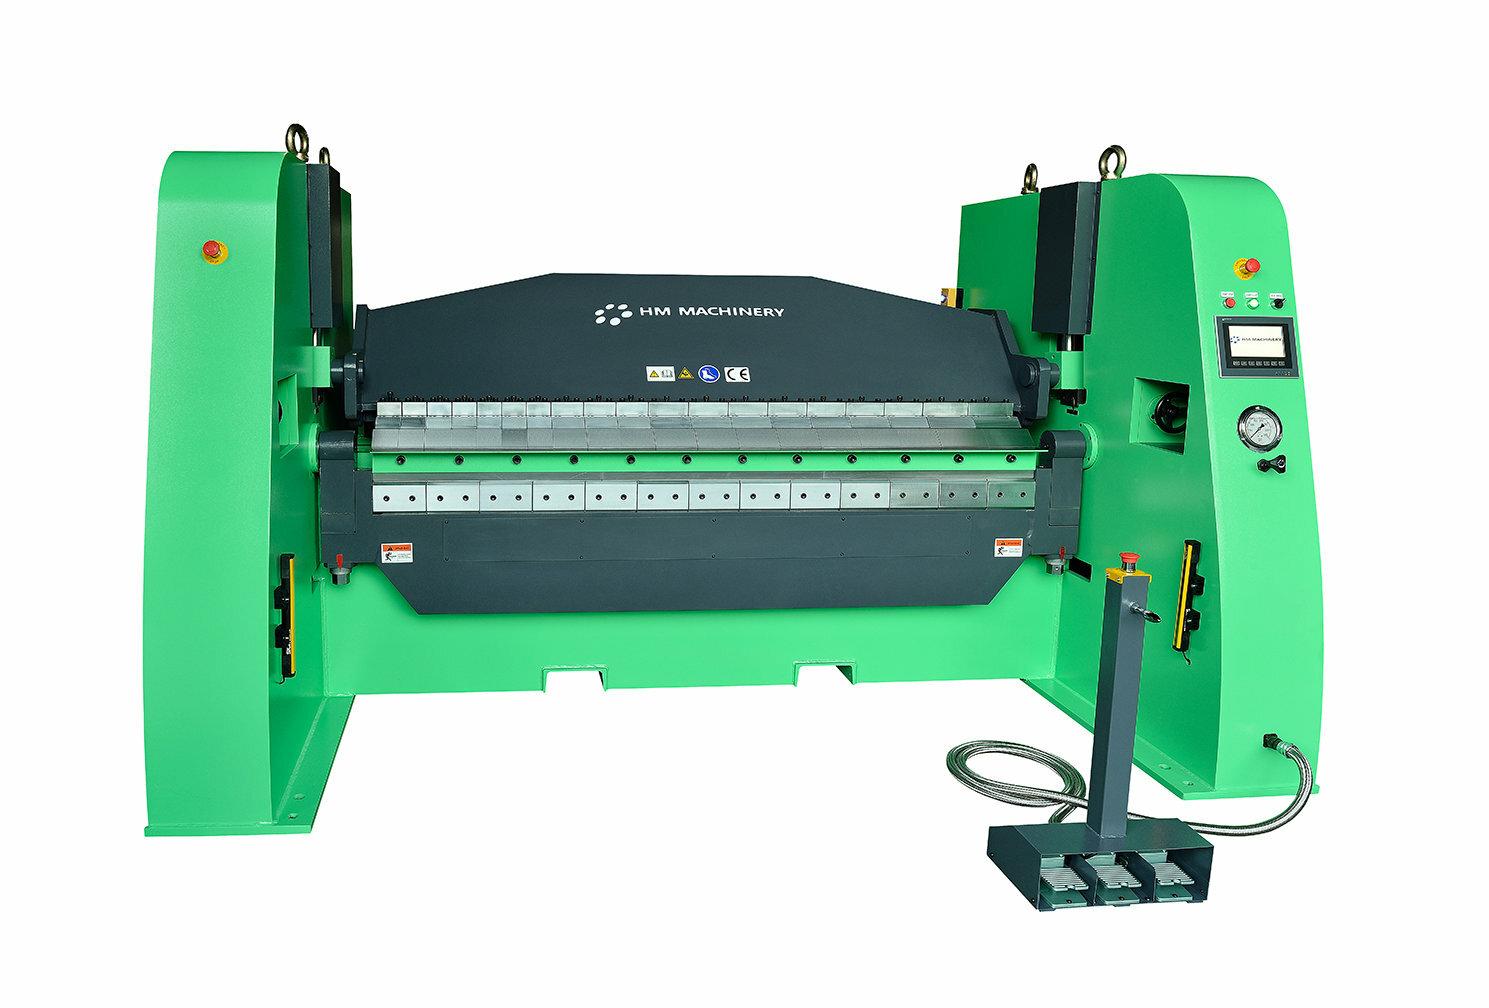 Hydrauliczna zaginarka do blachy Scantool - HM Machinery 2000-25S - długość robocza 2035 x 2,50mm